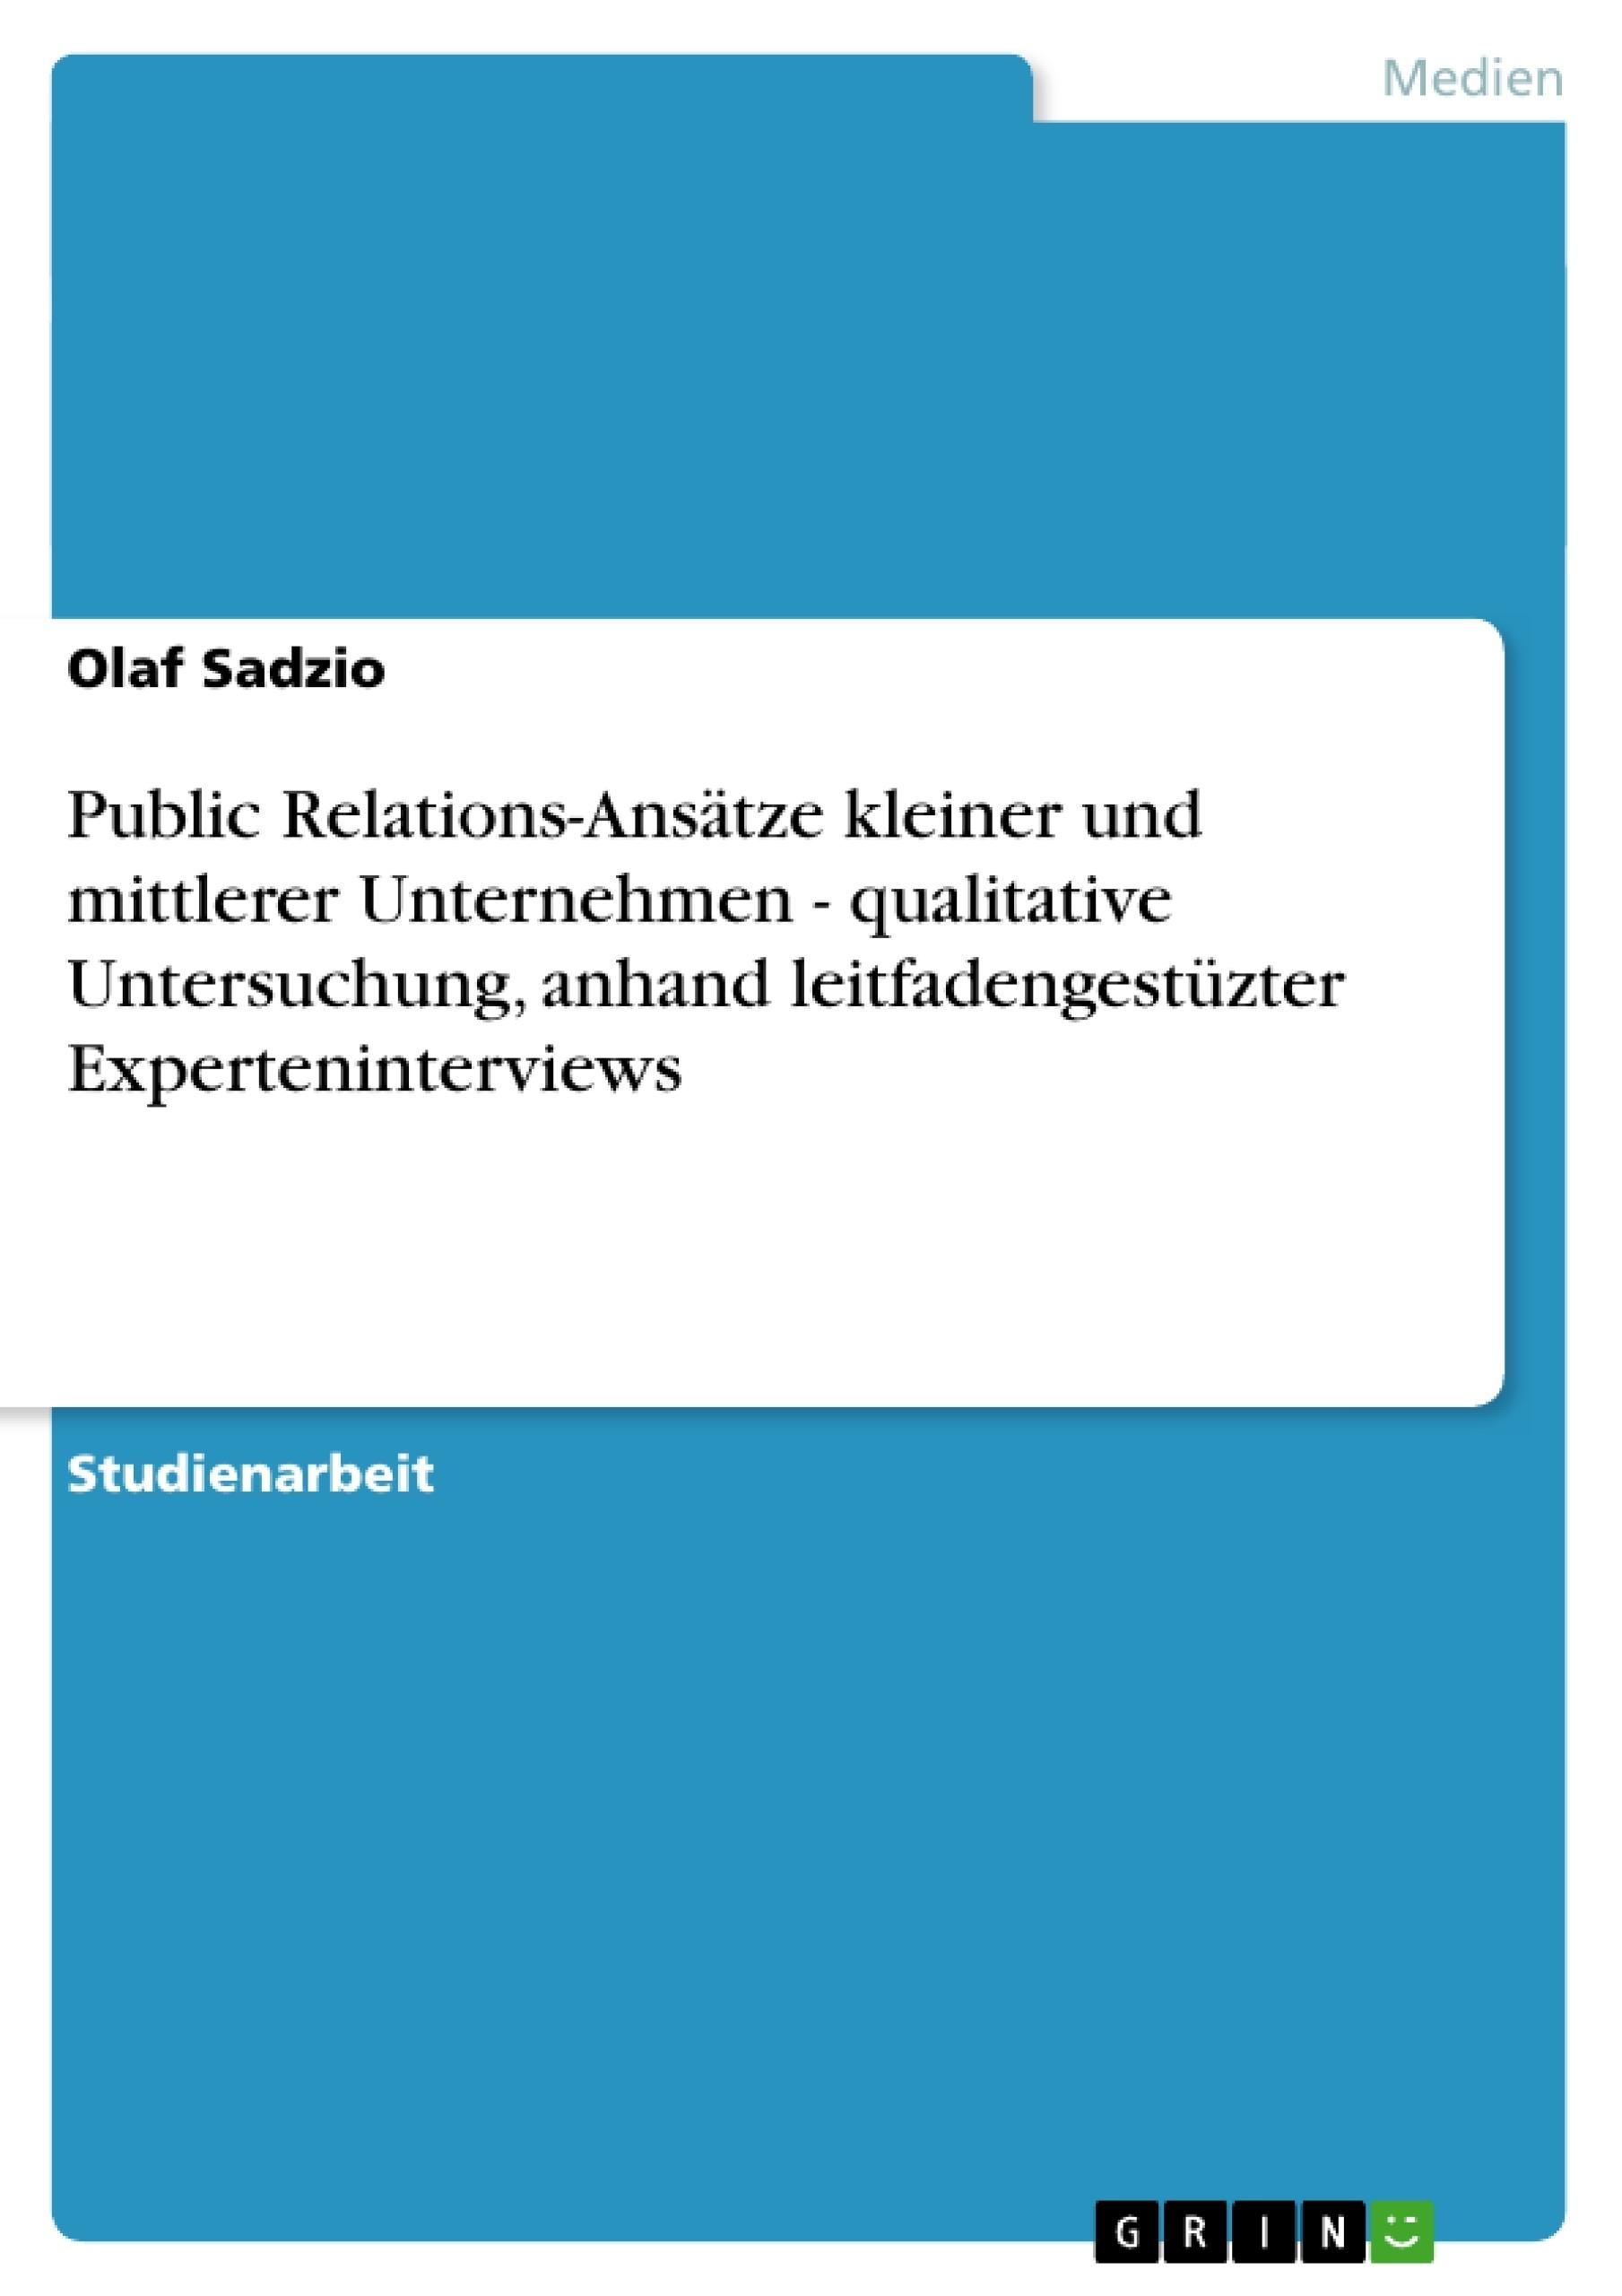 Titel: Public Relations-Ansätze kleiner und mittlerer Unternehmen - qualitative Untersuchung, anhand leitfadengestüzter Experteninterviews